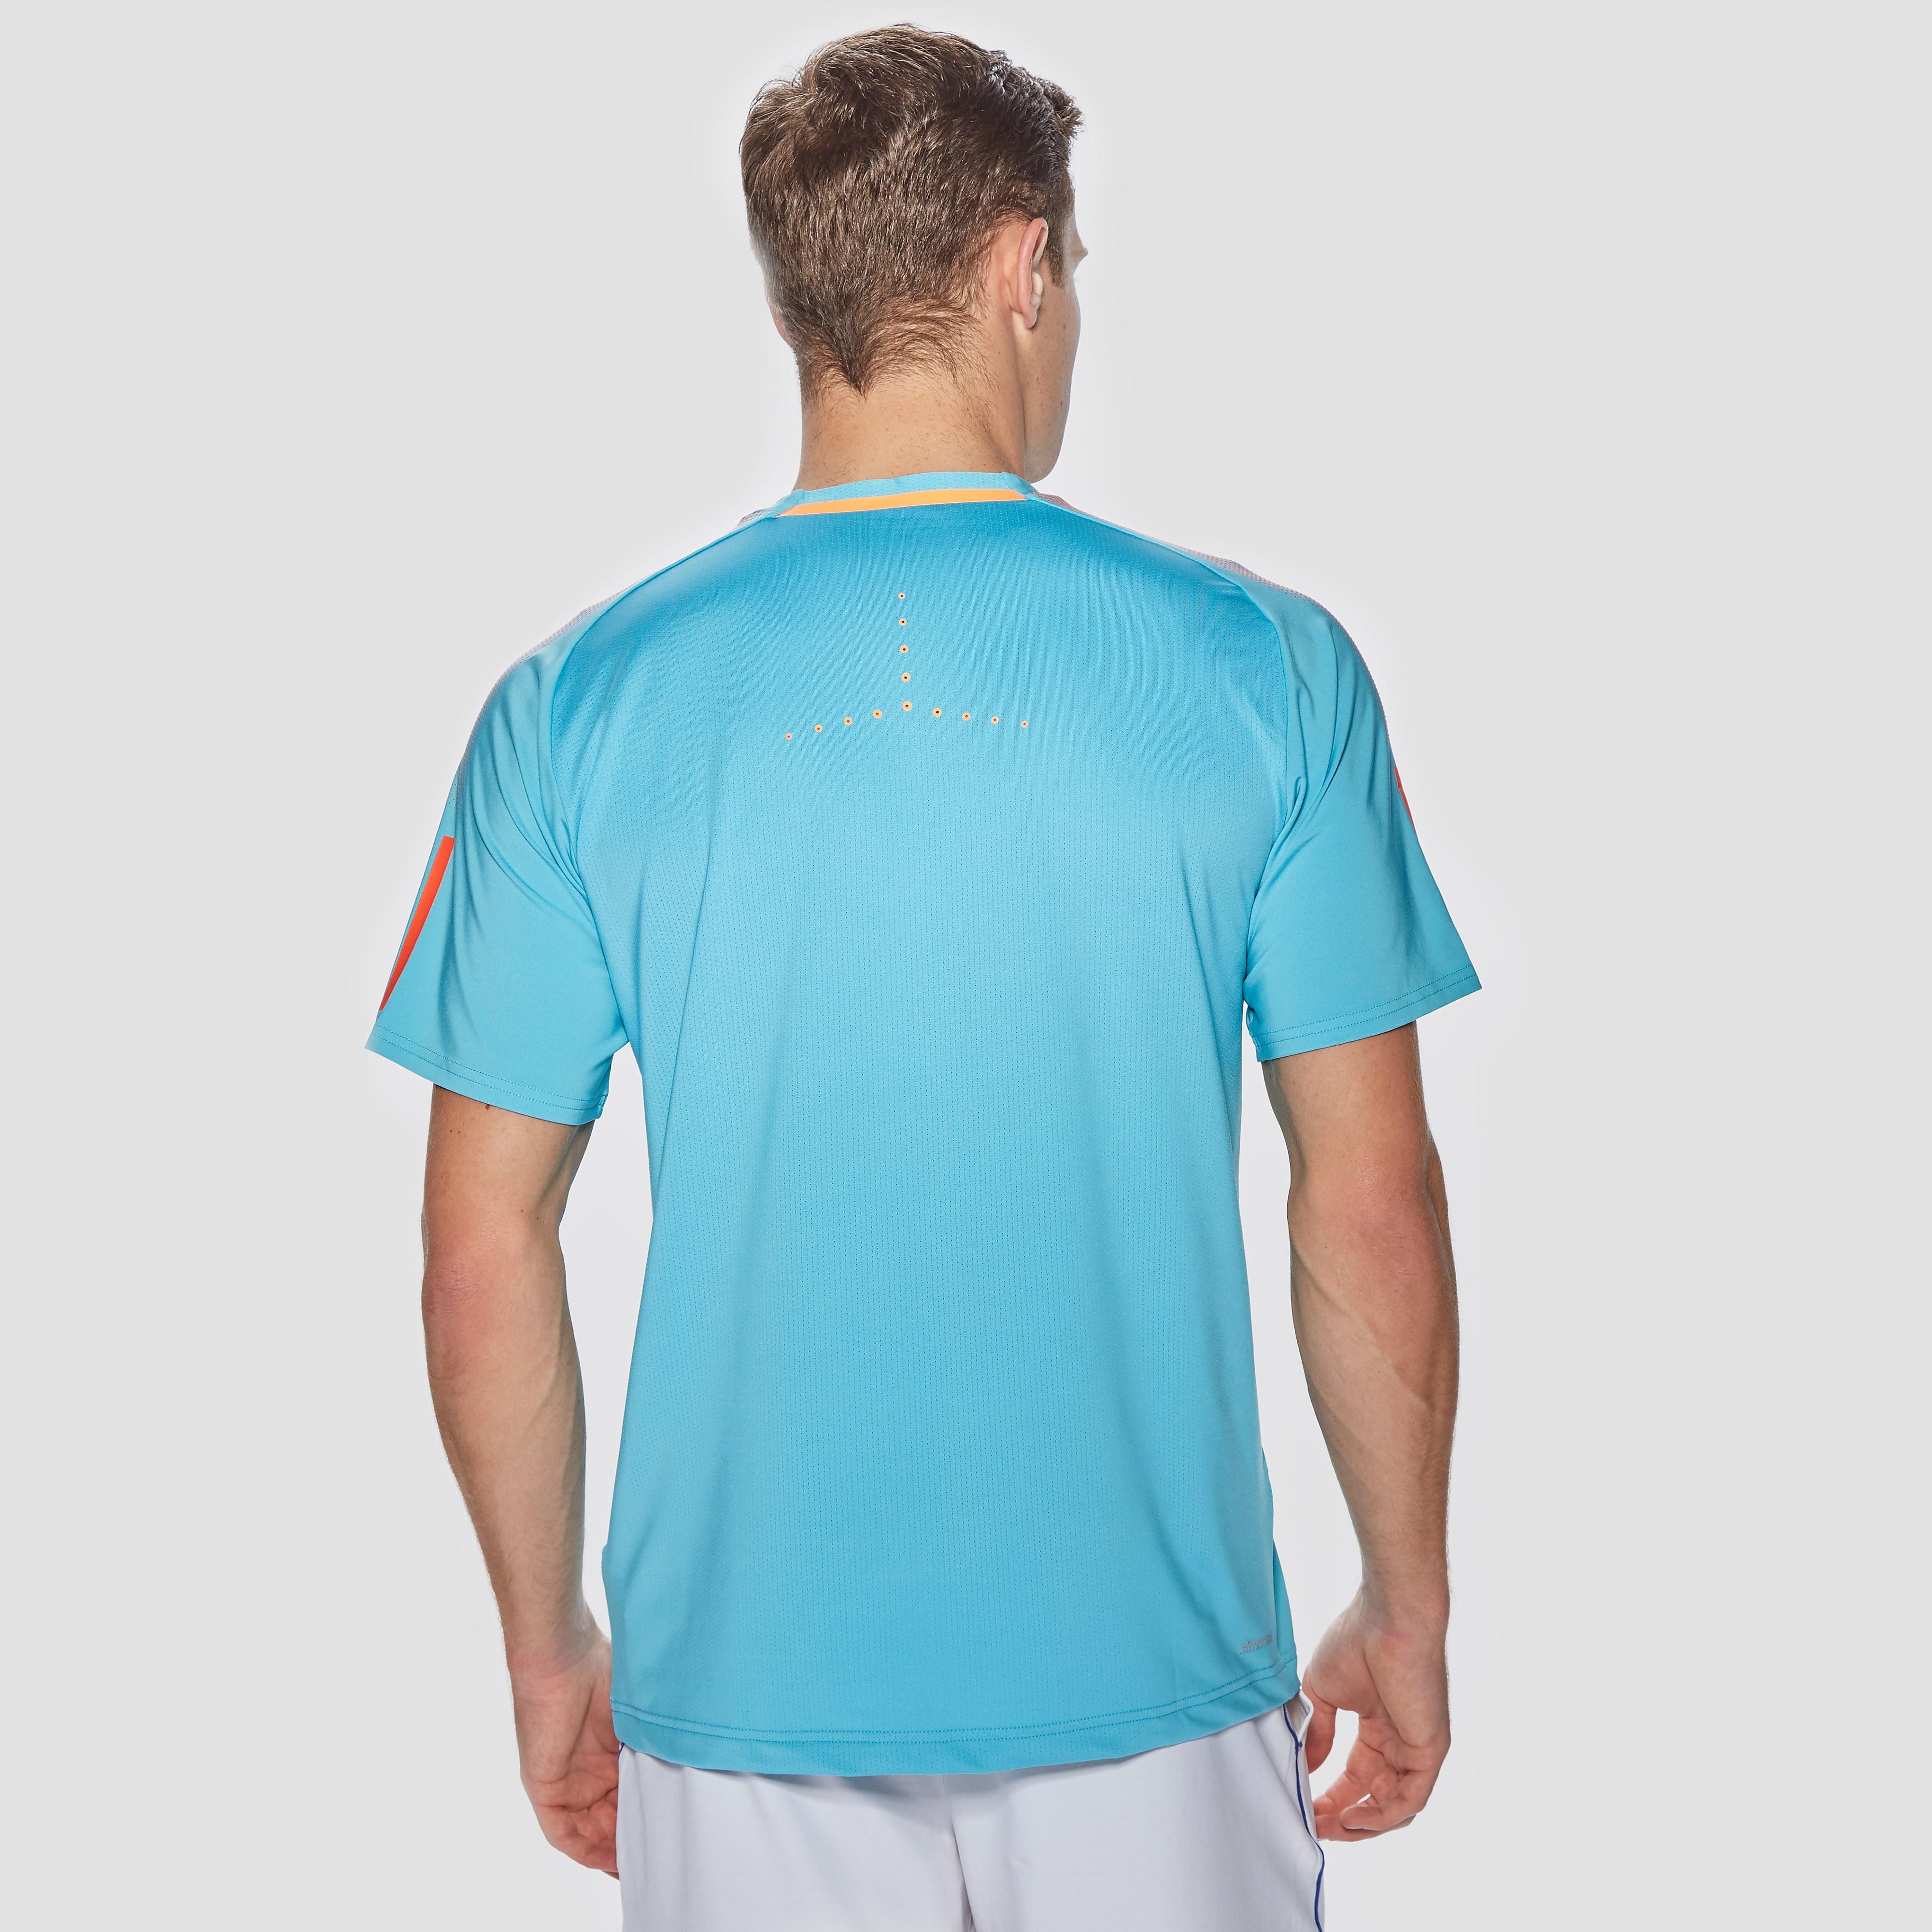 adidas Barricade Short Sleeve Men's T- Shirt